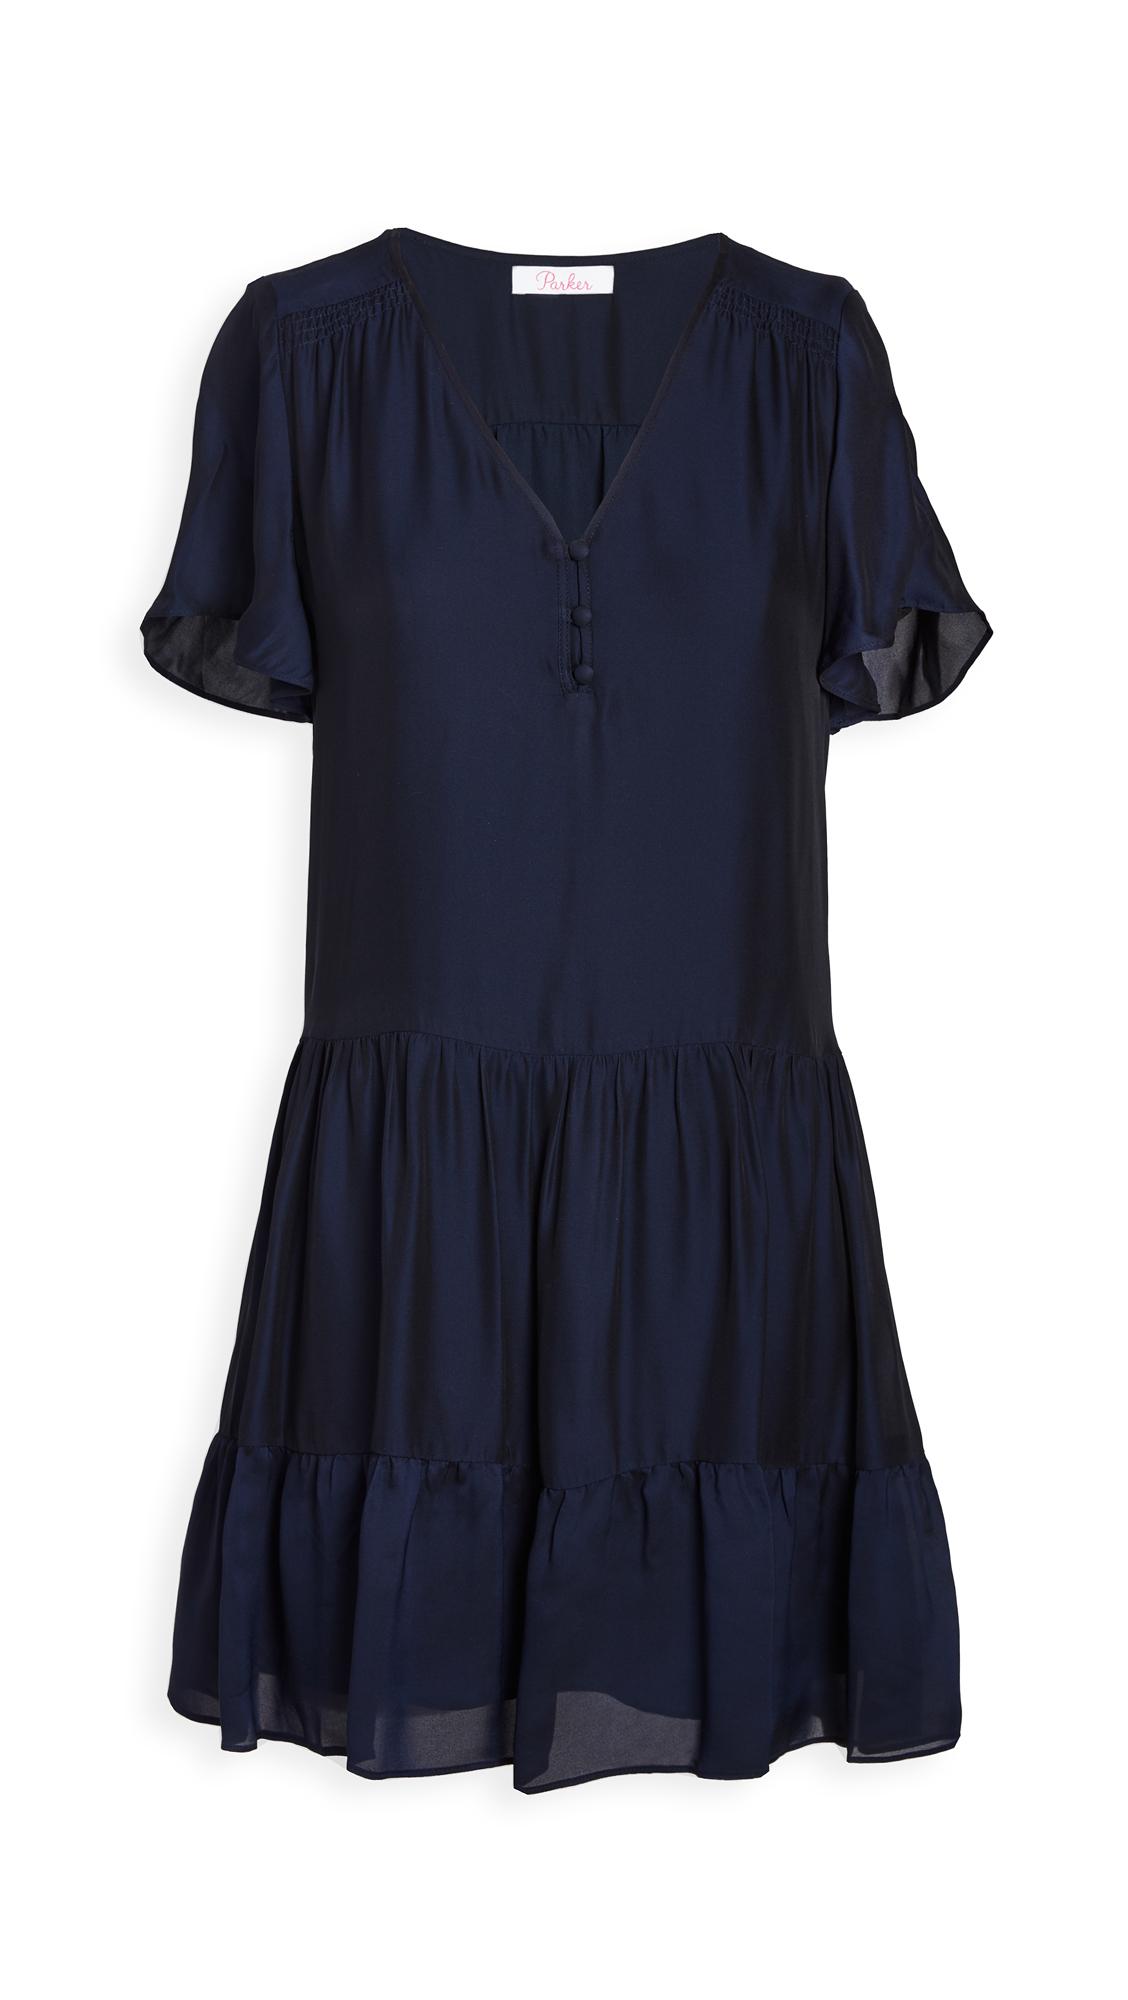 Parker Savannah Dress - 50% Off Sale